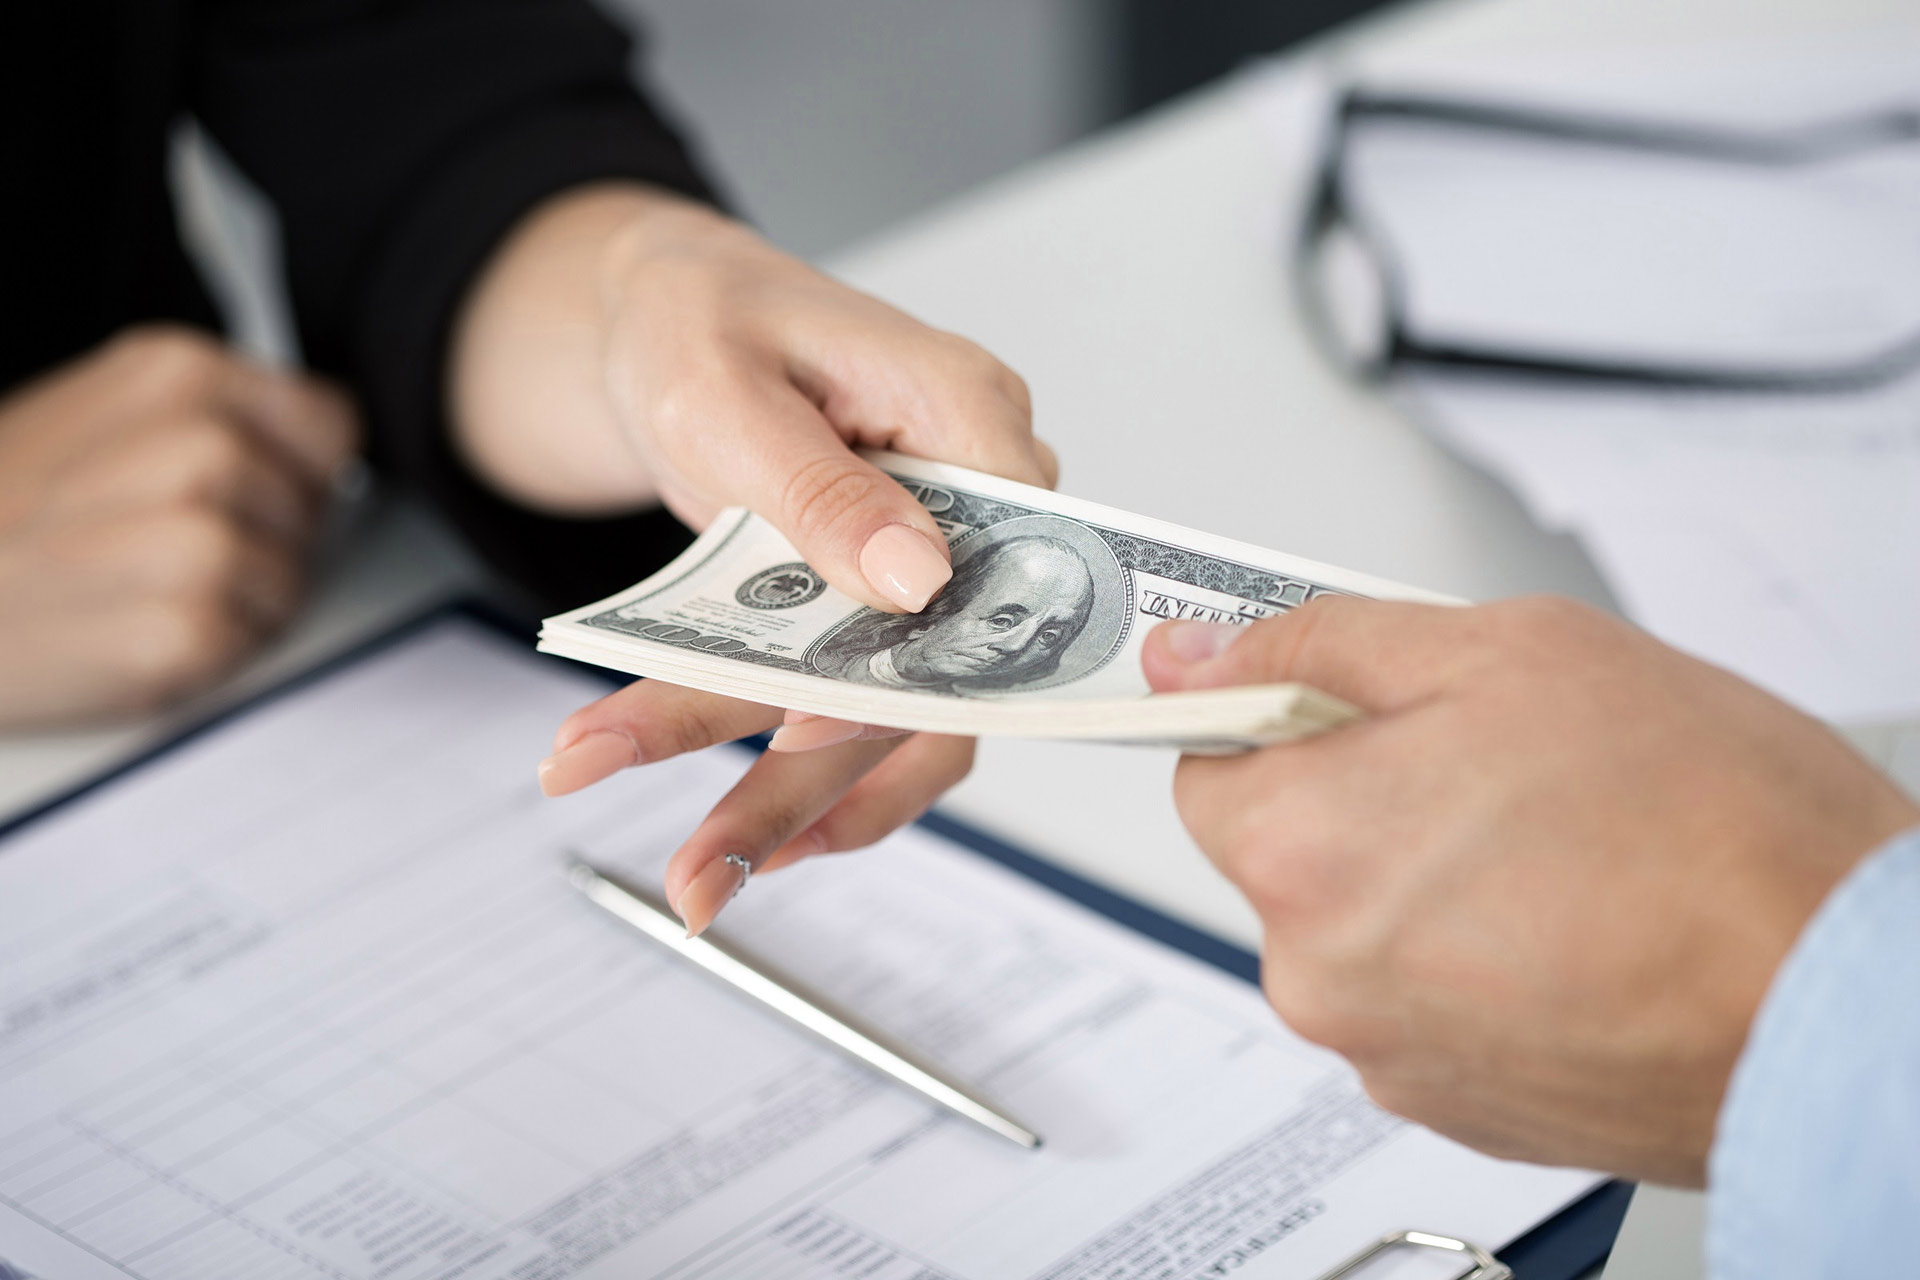 Бесплатный вебинар: Инвестиции до 30% годовых - инструкция по краудлендингу